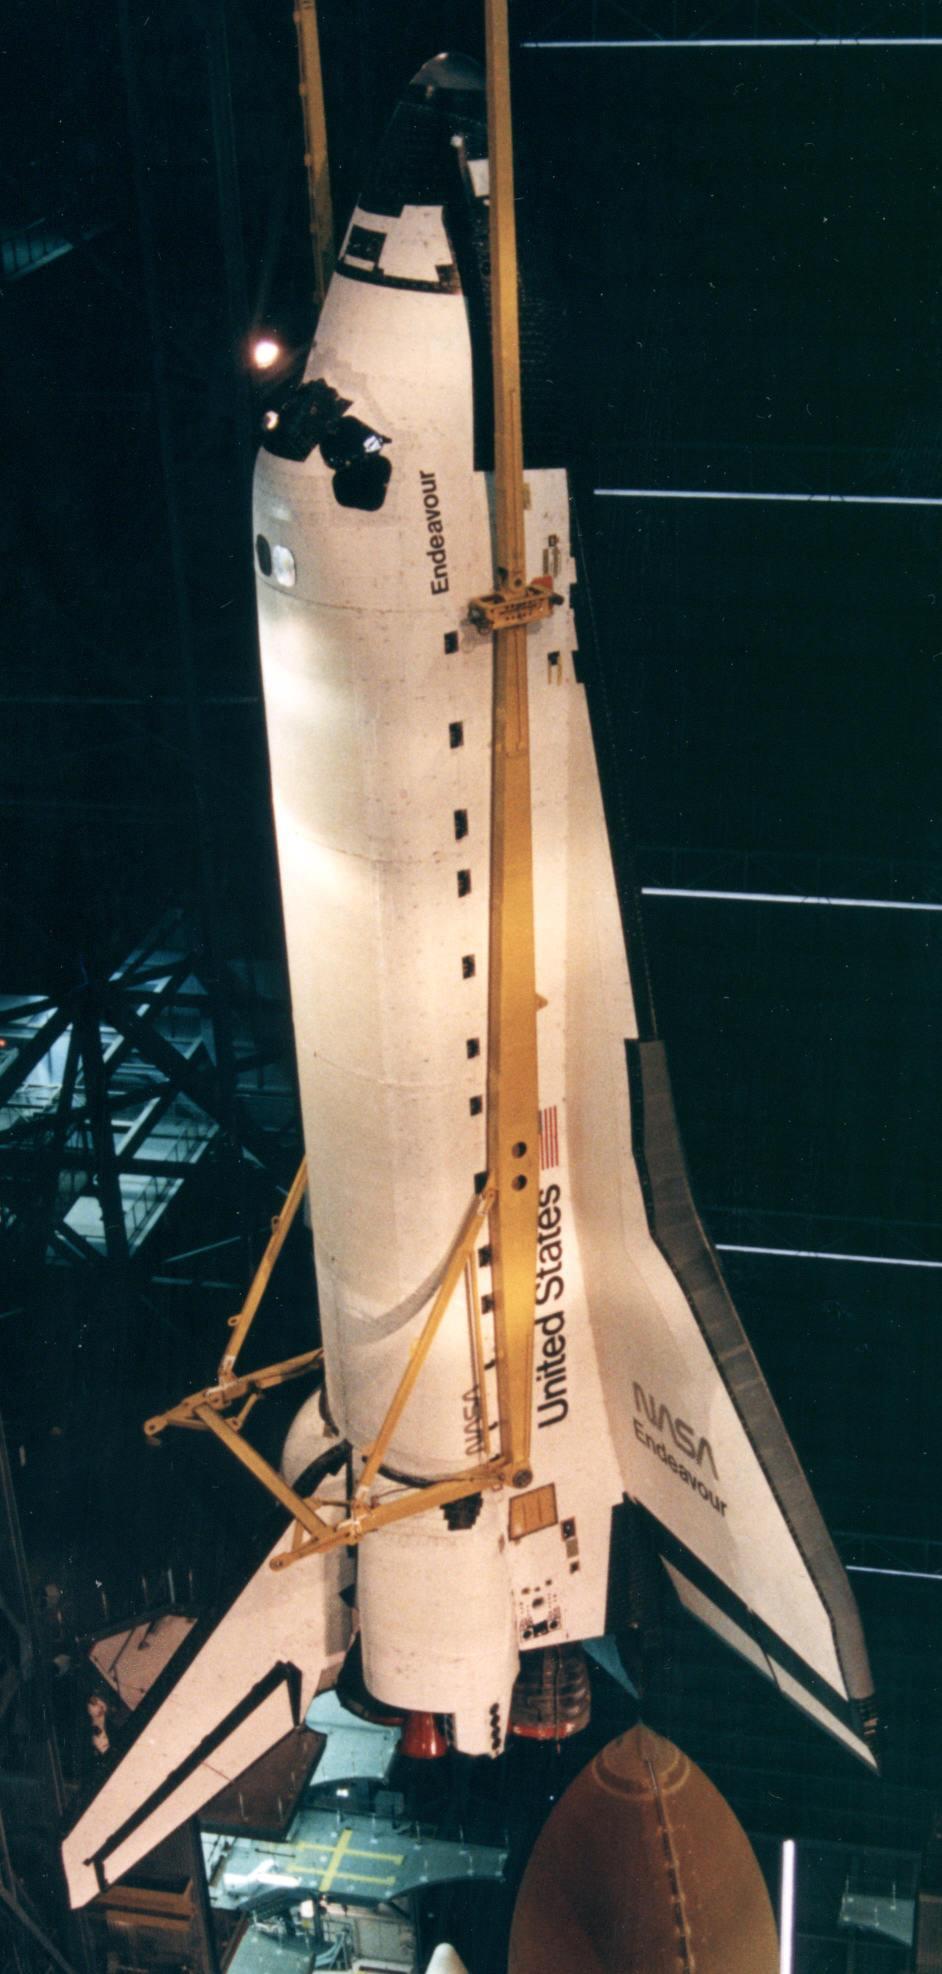 Endeavour STS-47 (1992) KSC-92PC-1759_600A